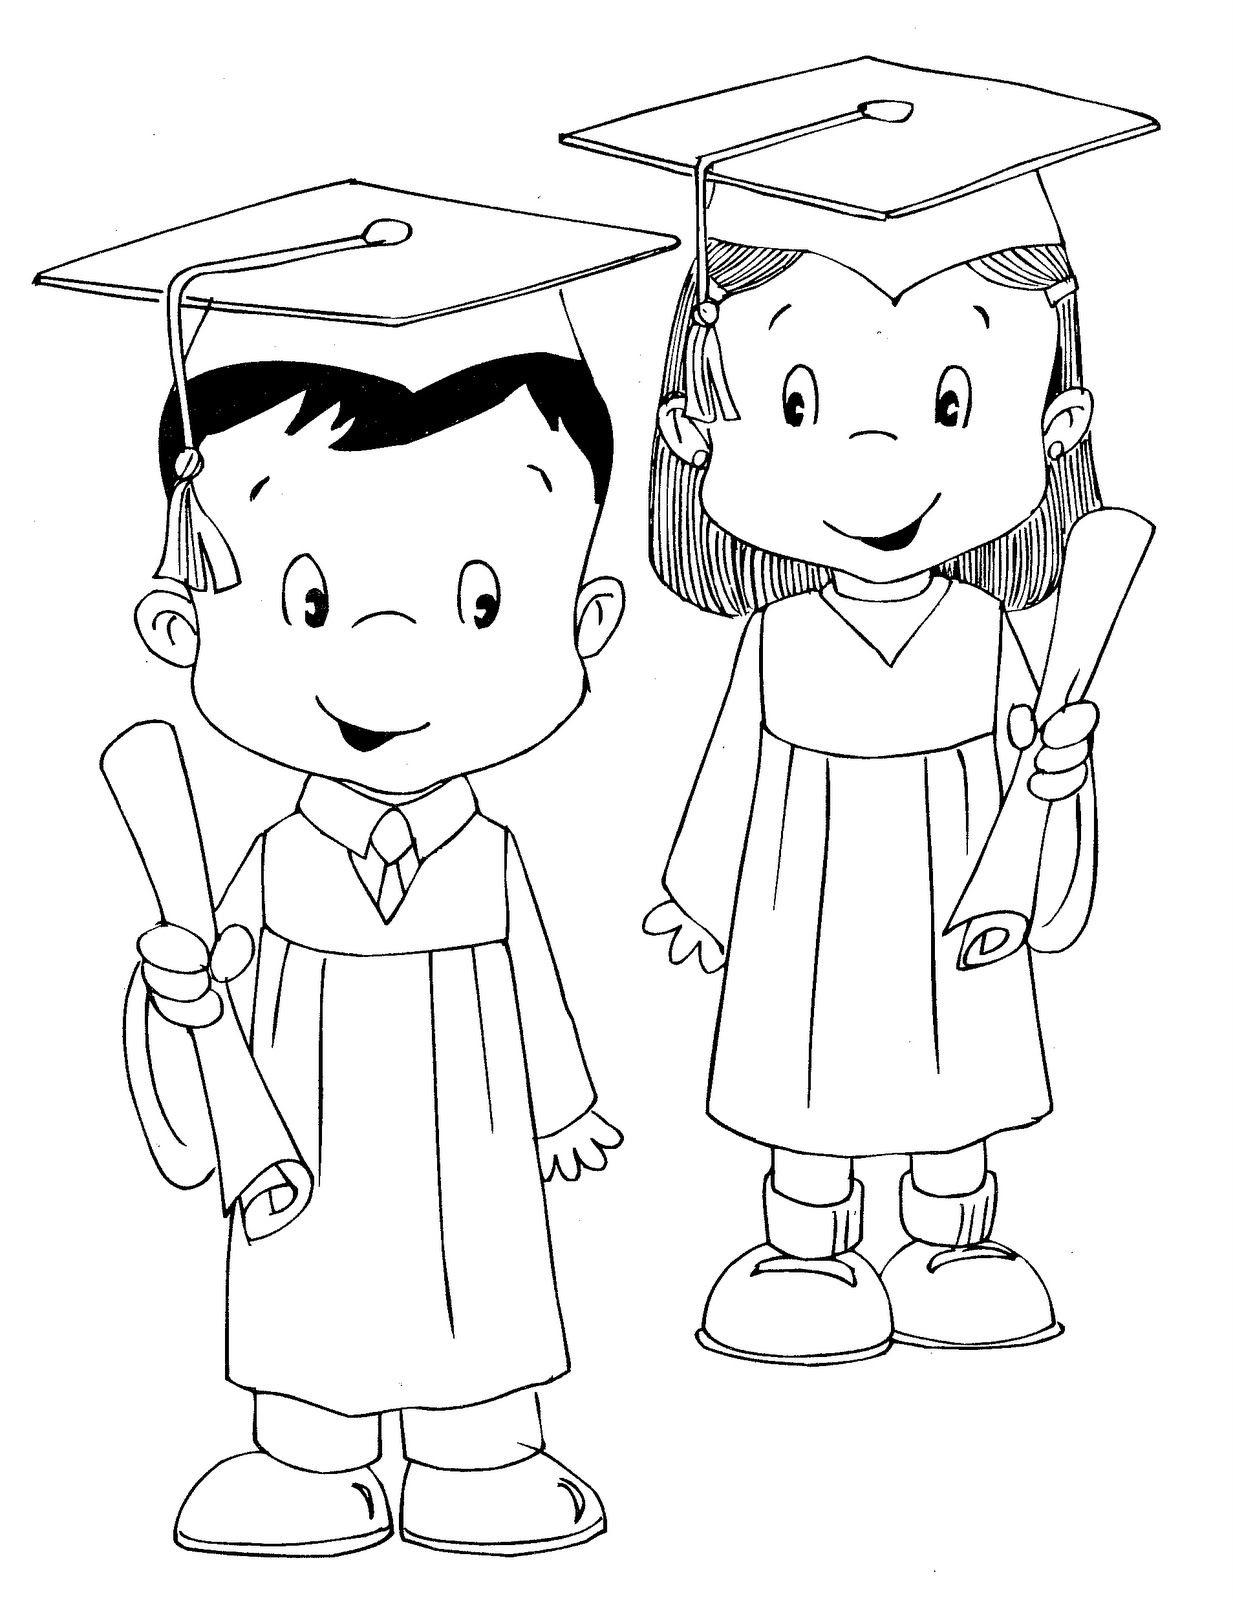 Dibujo De Graduación Para Colorear Imagui Graduación Muñecos